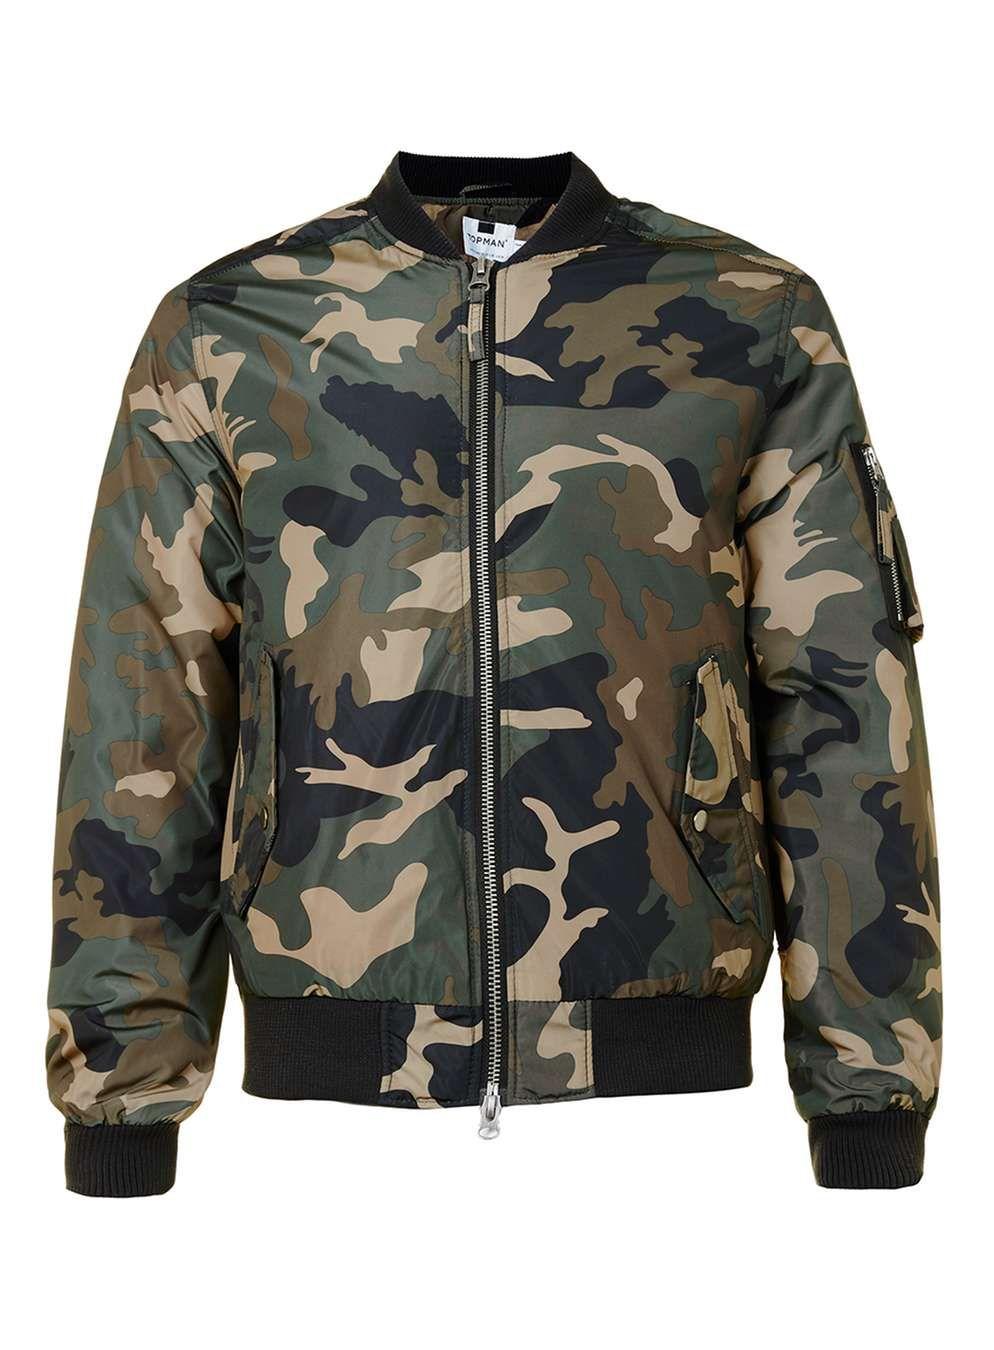 Green Camo Ma1 Bomber Jacket Camo Bomber Jacket Bomber Jacket Camouflage Print Jacket [ 1350 x 994 Pixel ]